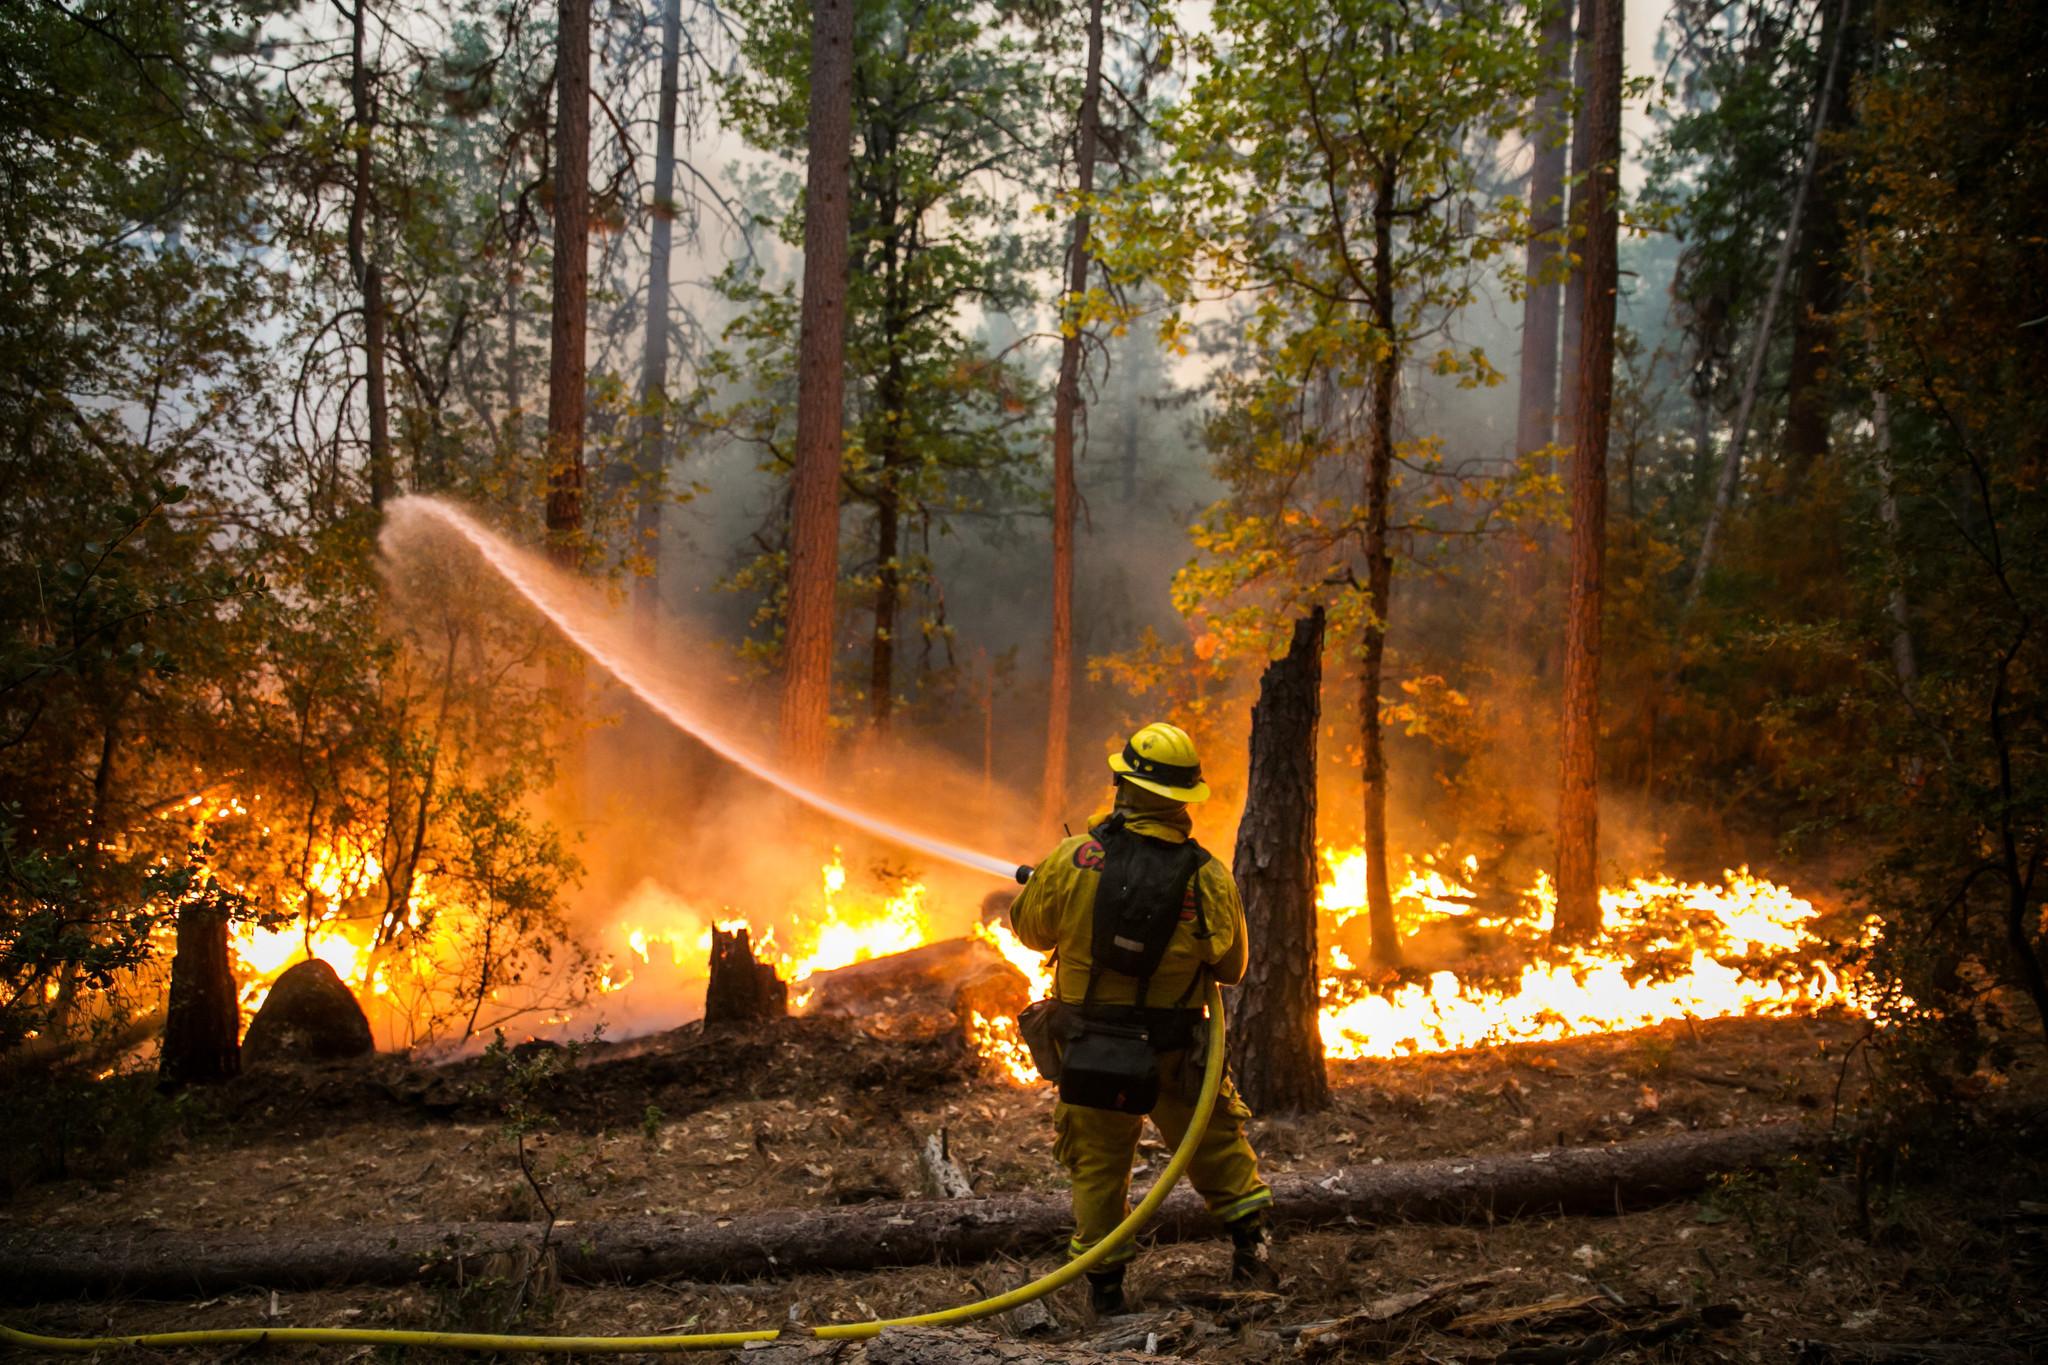 la fires - photo #17